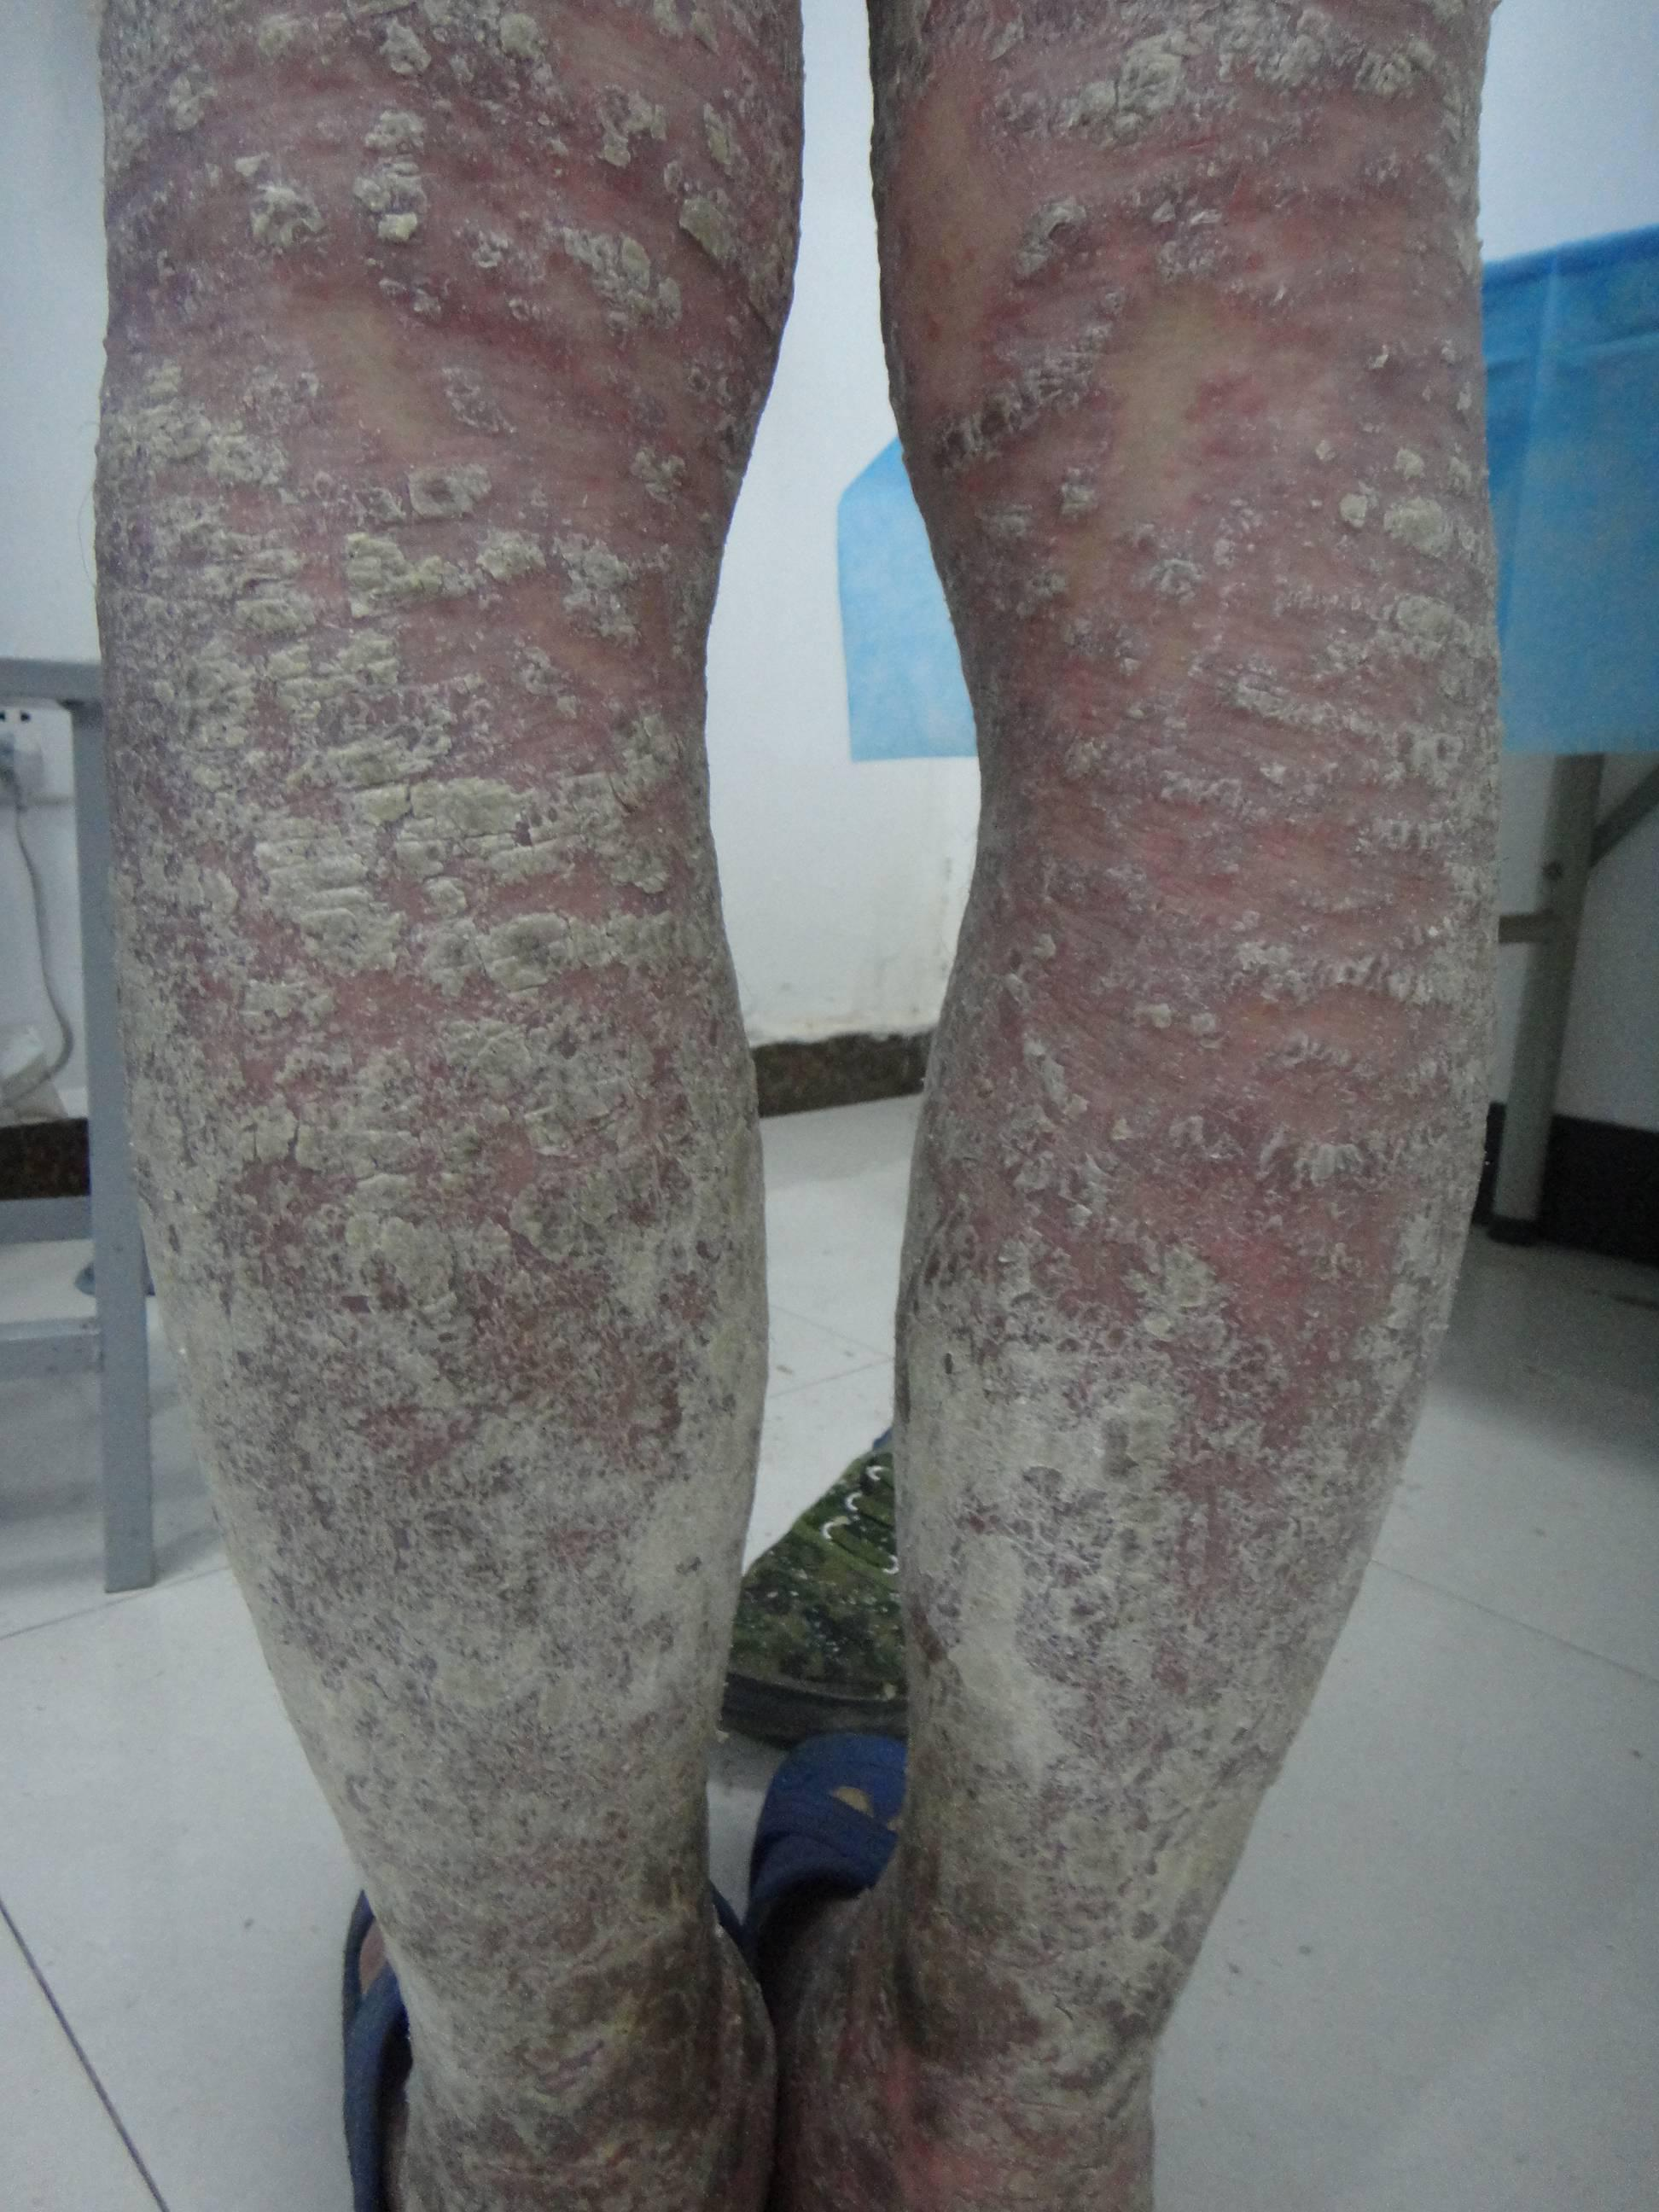 红皮型银屑病如何治疗